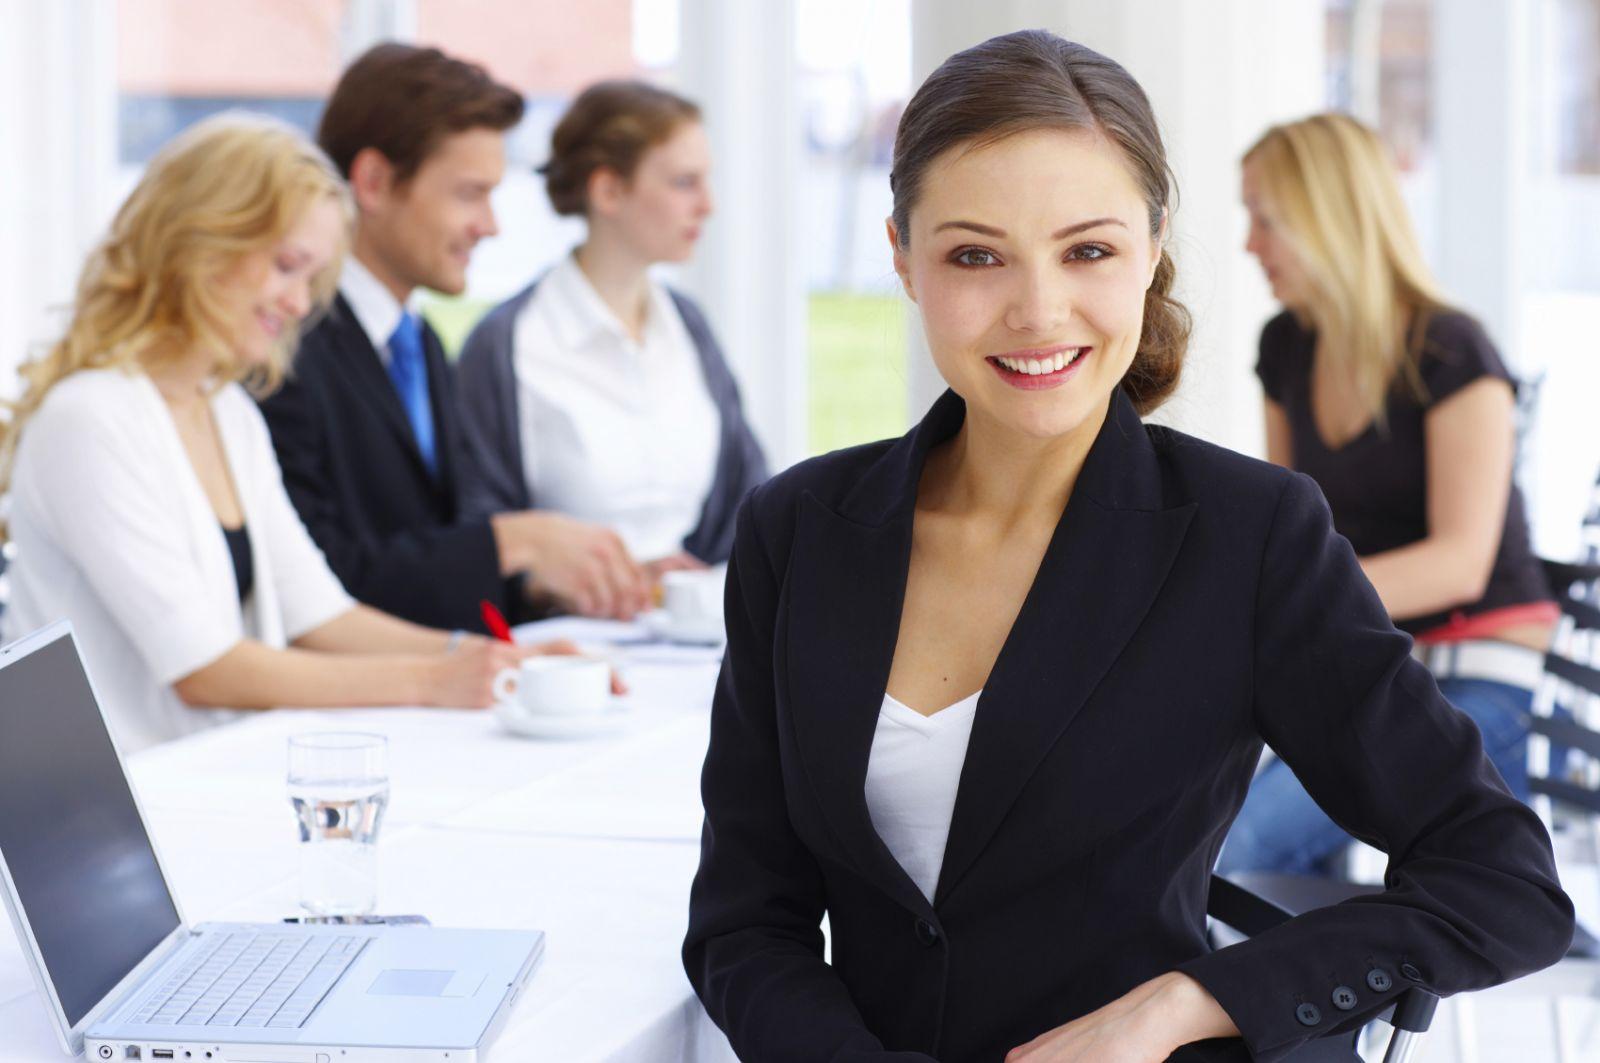 Hồ sơ thêm thành viên doanh nghiệp tại Nghệ An